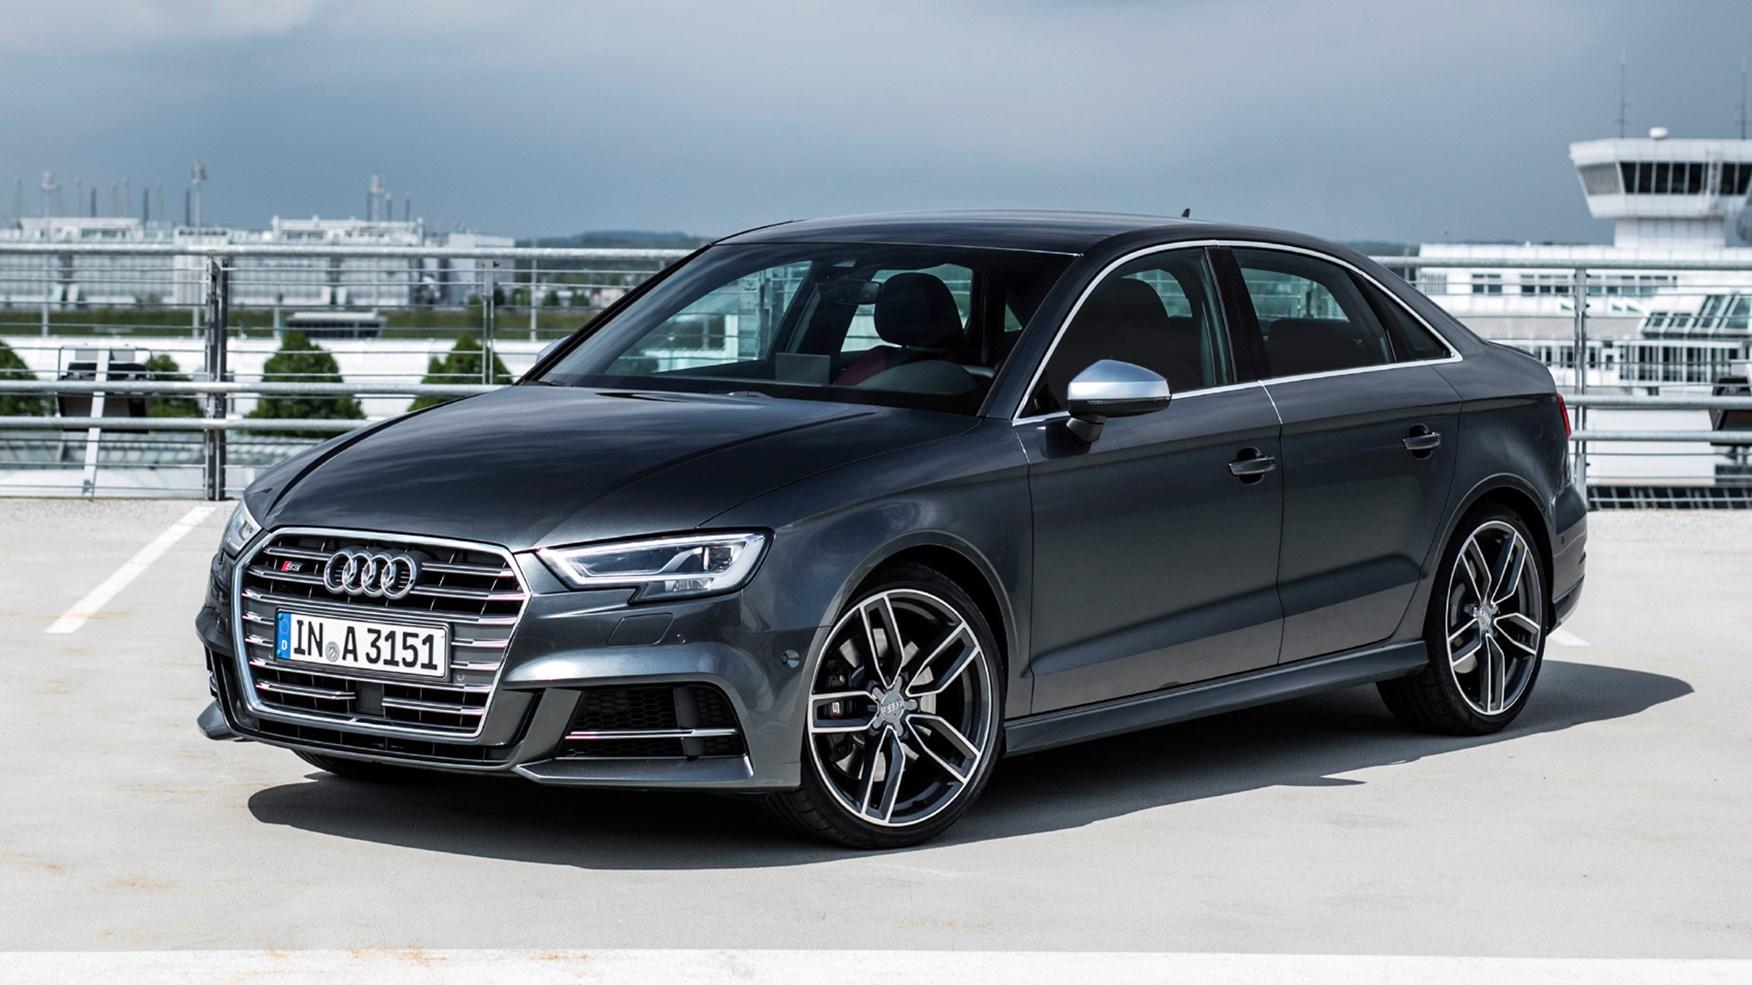 Audi a3 lease deals 2017 15